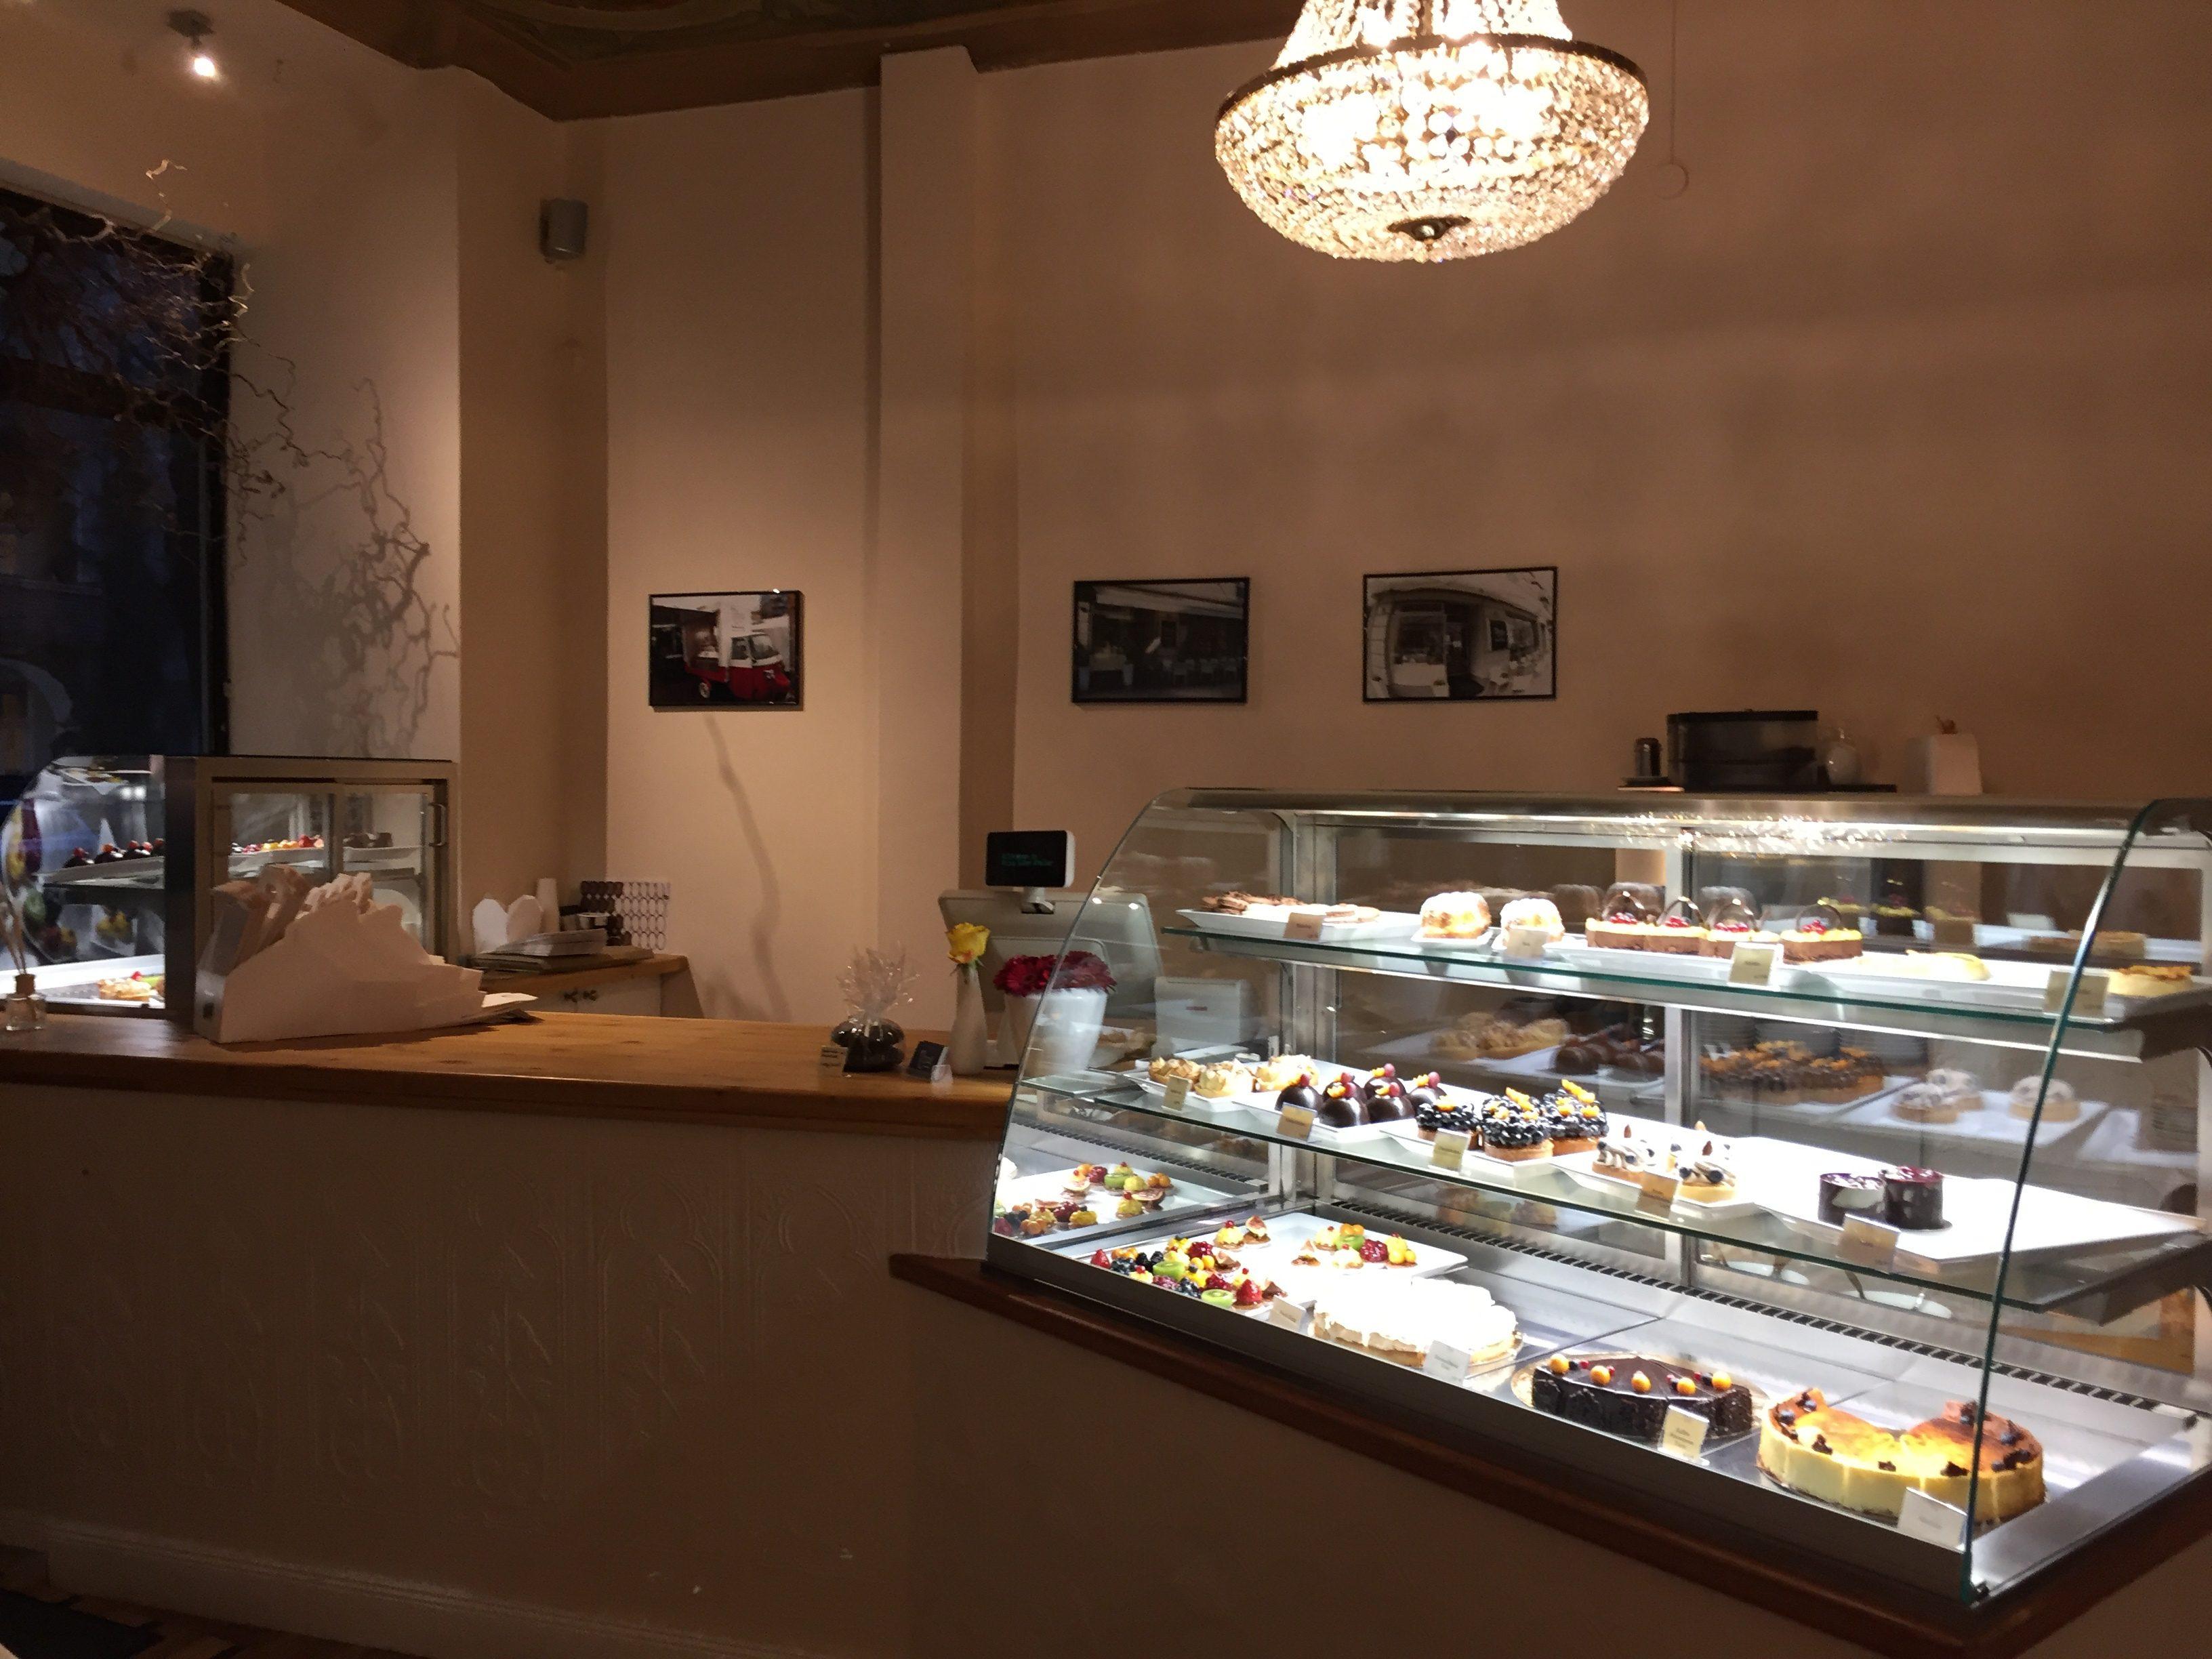 Süßer Thekenzauber: Schmackhafte Petits Fours, köstliche Macarons und verführerische Torten begrüßen die Gäste schon im Eingangsbereich von Nicos.